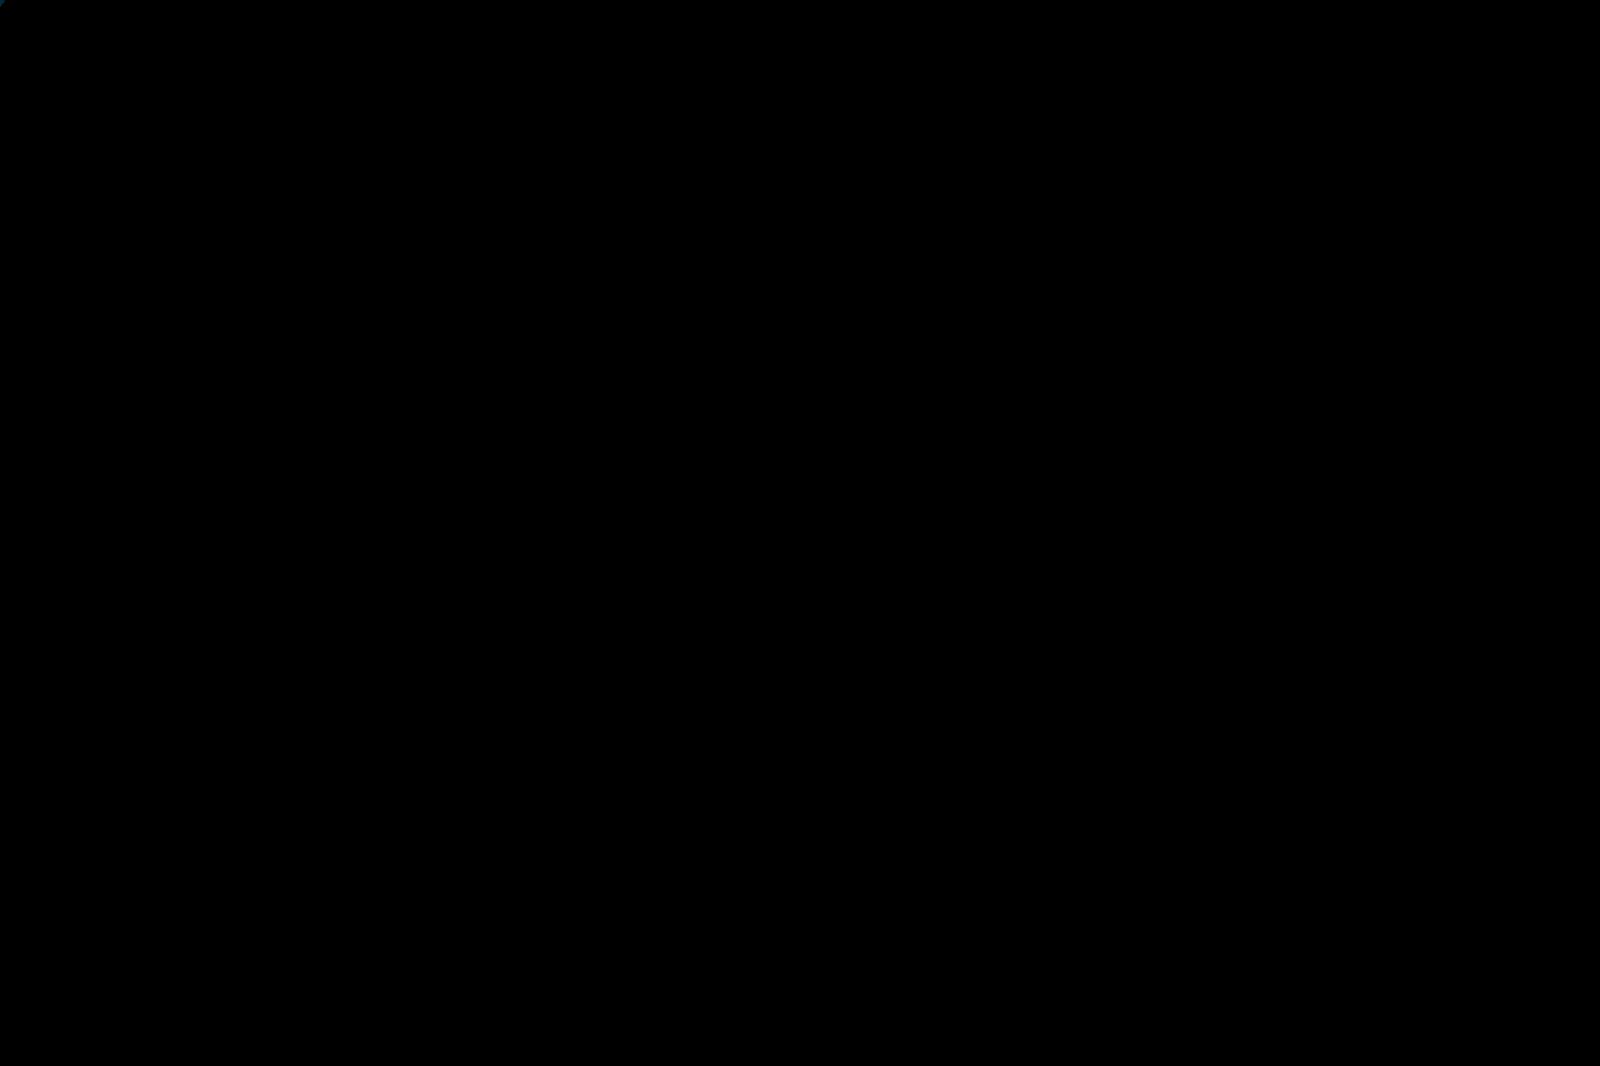 Lines PNG Download Image SVG Clip arts